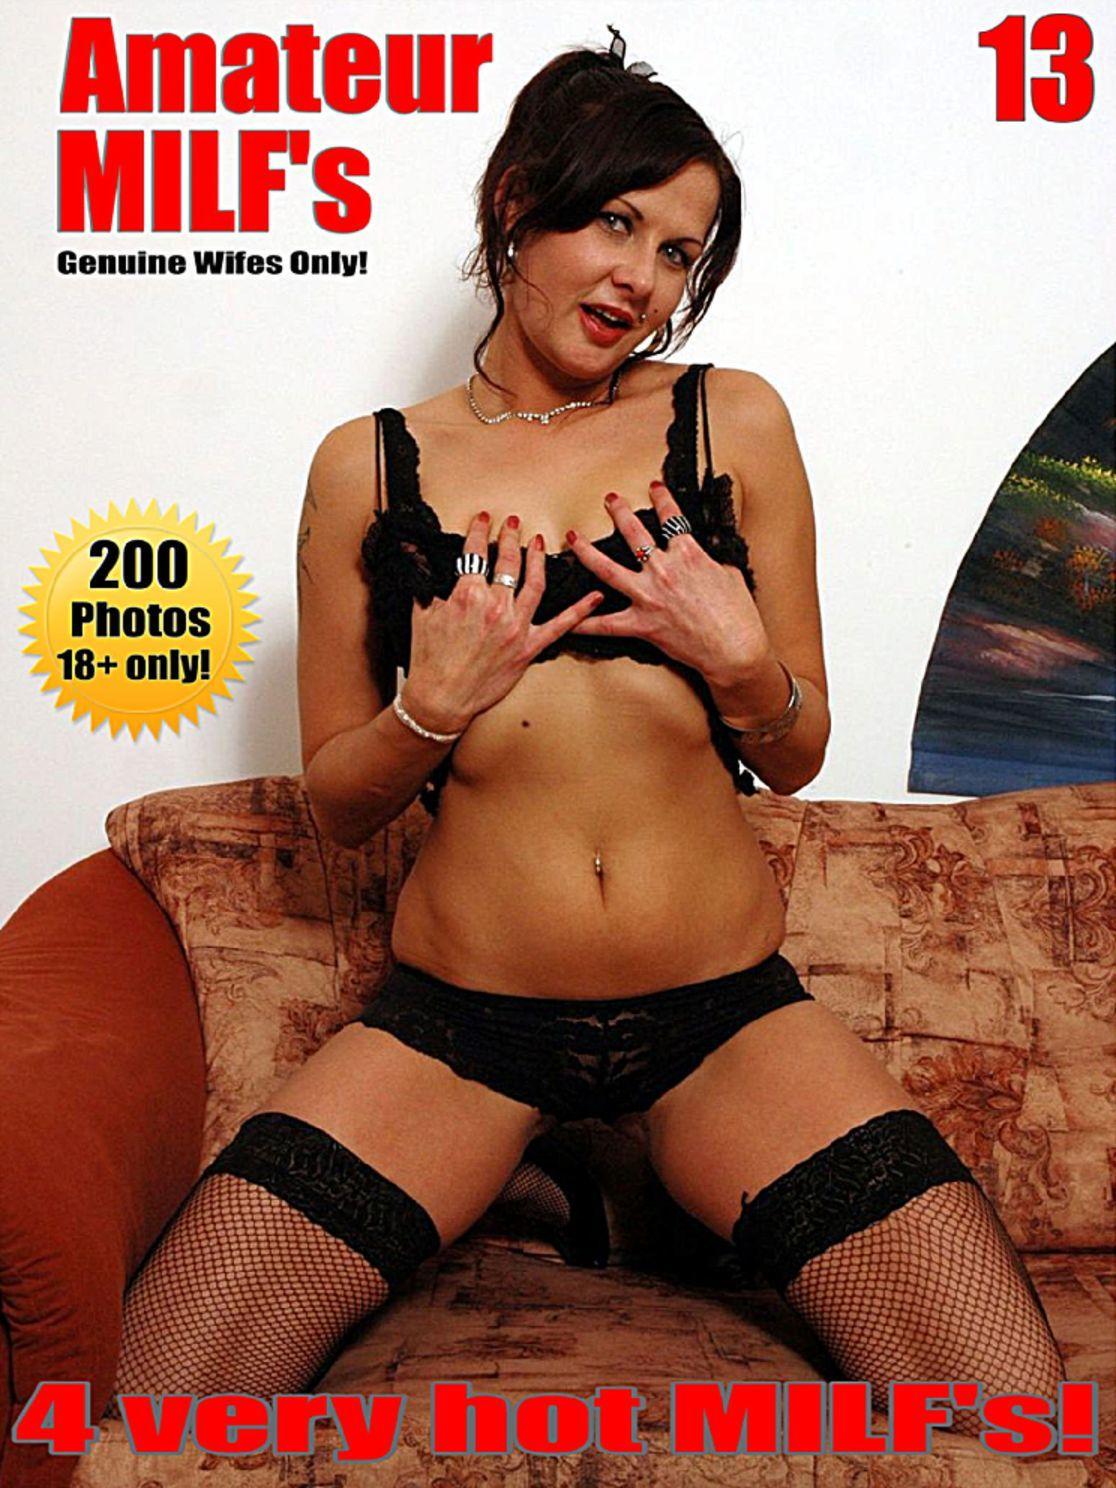 Amateur MILFs Nude Kinky Adult Photo Digital